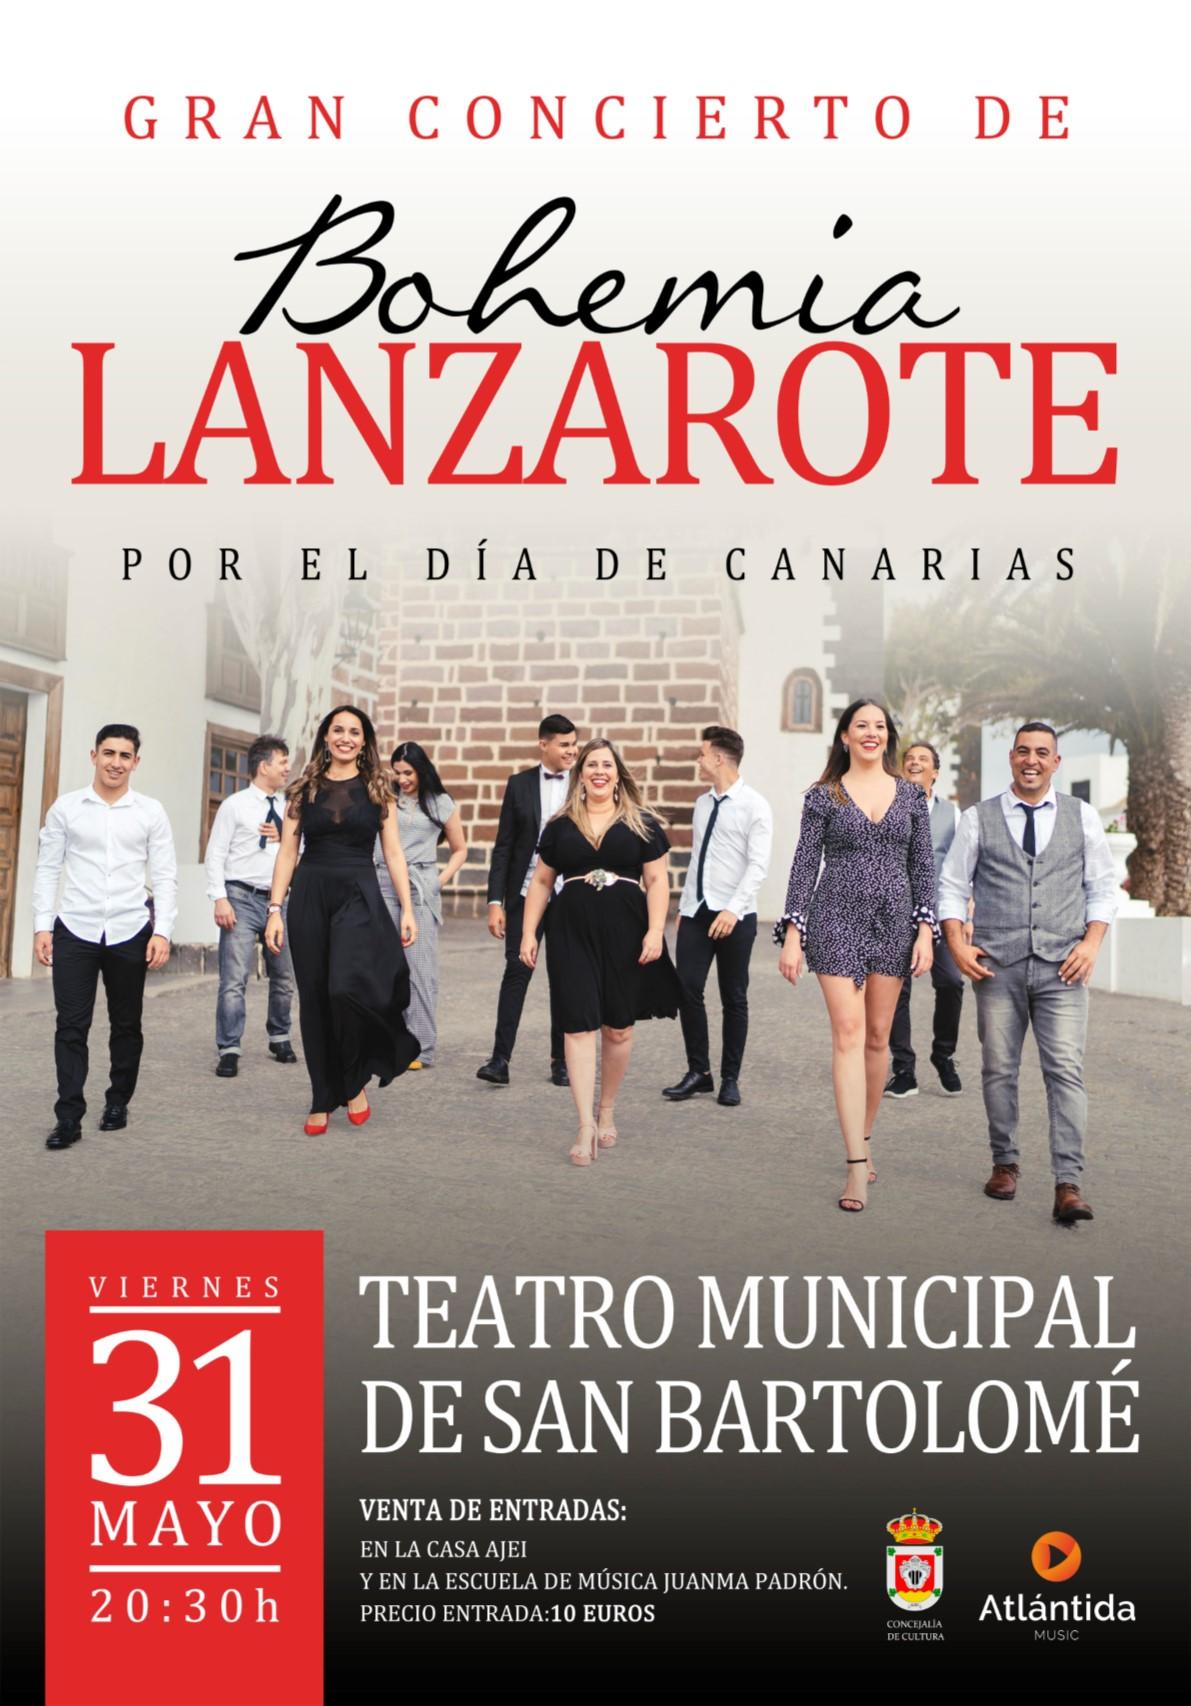 Gran Concierto de Bohemia Lanzarote por el Día de Canarias, el viernes, día 31 de mayo, a las 20.30 horas en el Teatro de San Bartolomé